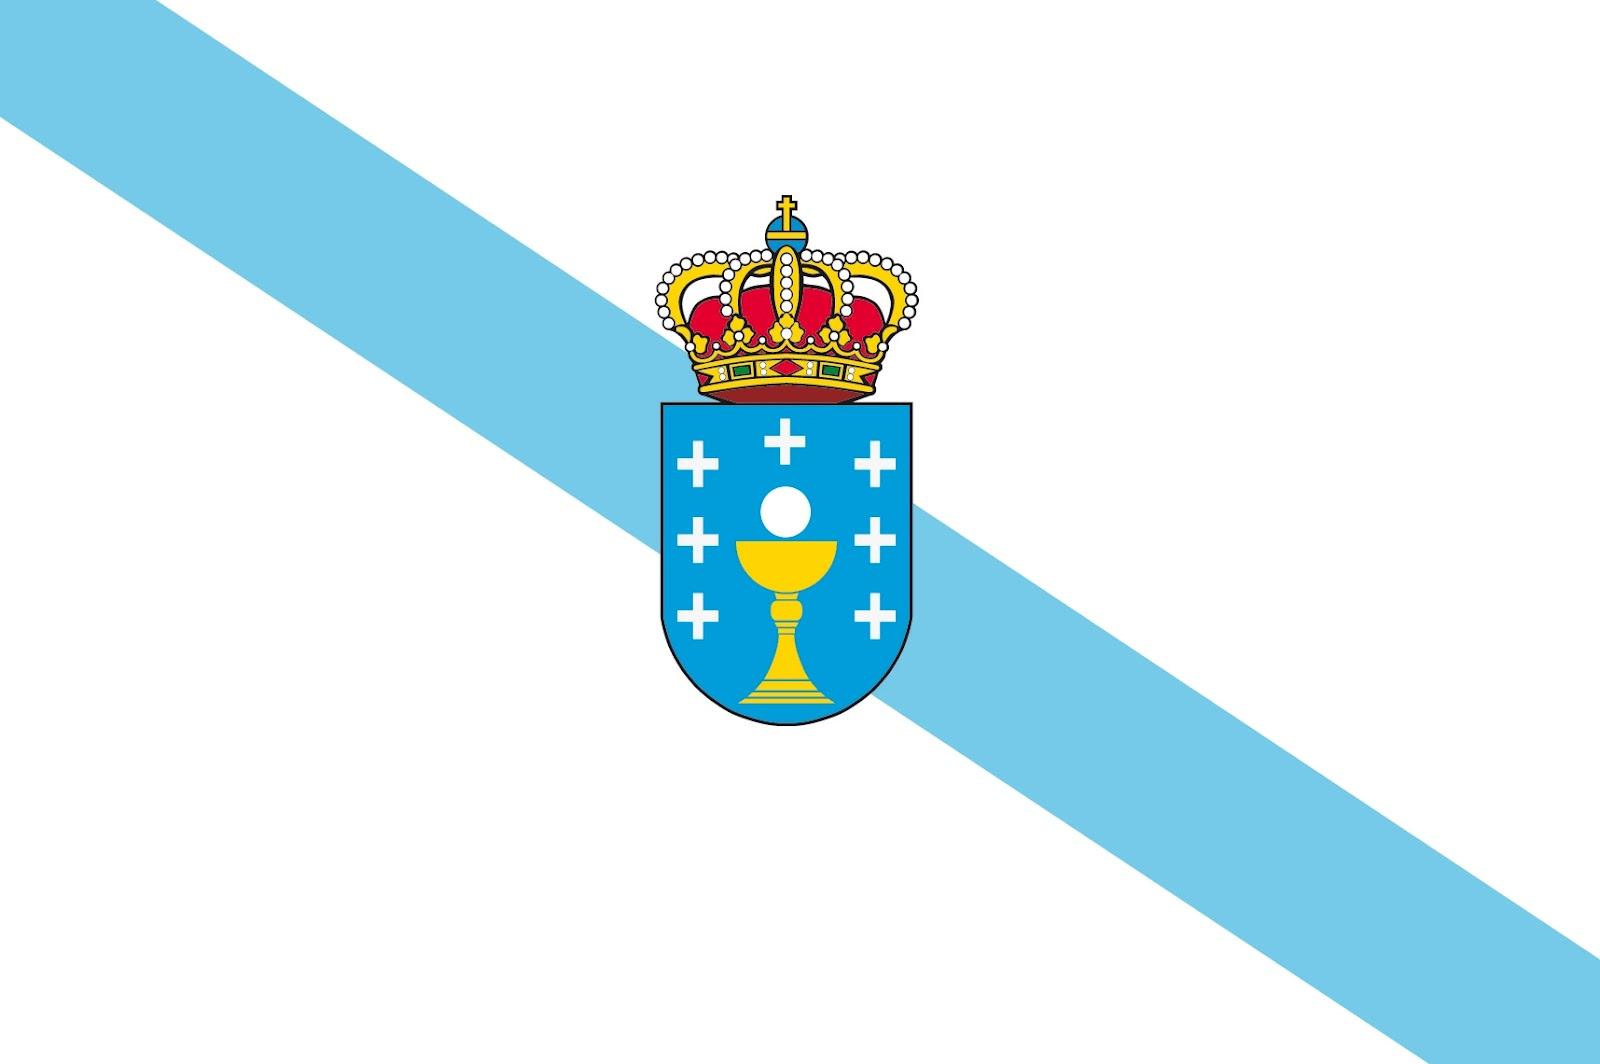 Examen consejero de seguridad: Galicia 2015